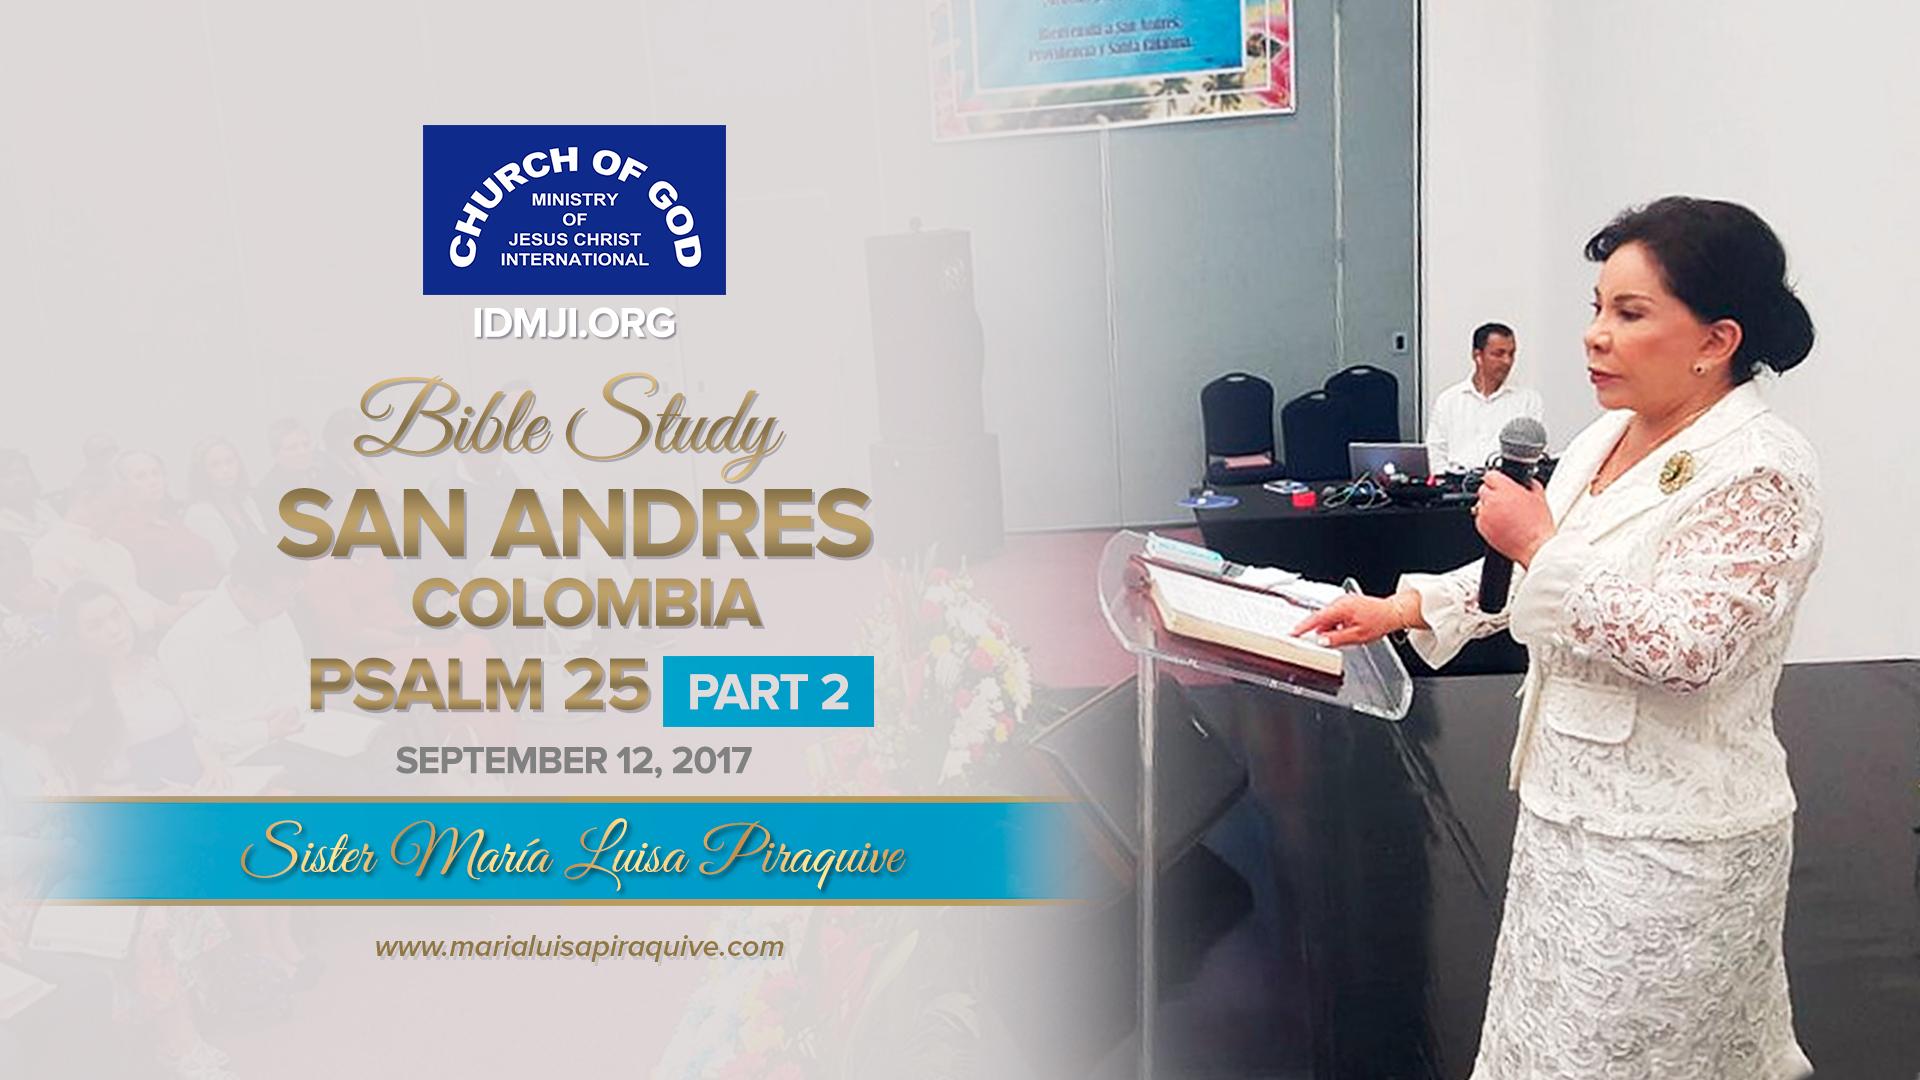 Bible Study: San Andrés Colombia (Part 2)